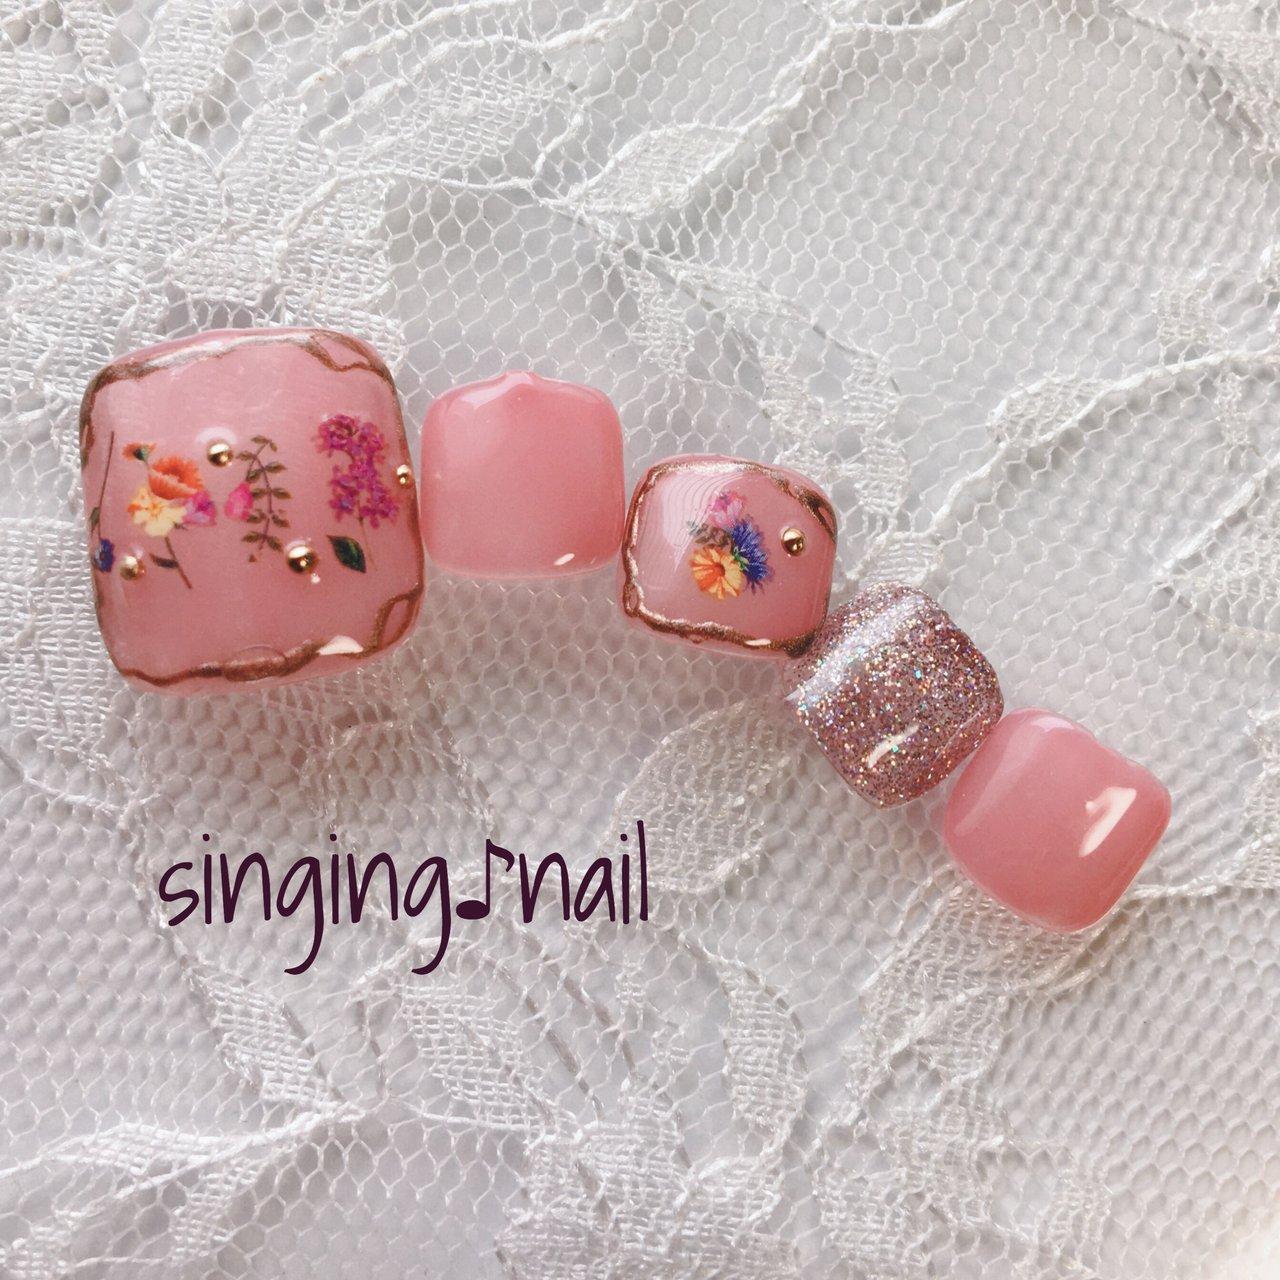 フラワーフットで、春の息吹はいかがでしょうか🌸✨#ピンク#フット#ふ #春 #バレンタイン #フット #フラワー #ミディアム #ピンク #ジェル #ネイルチップ #mihonailmiho #ネイルブック